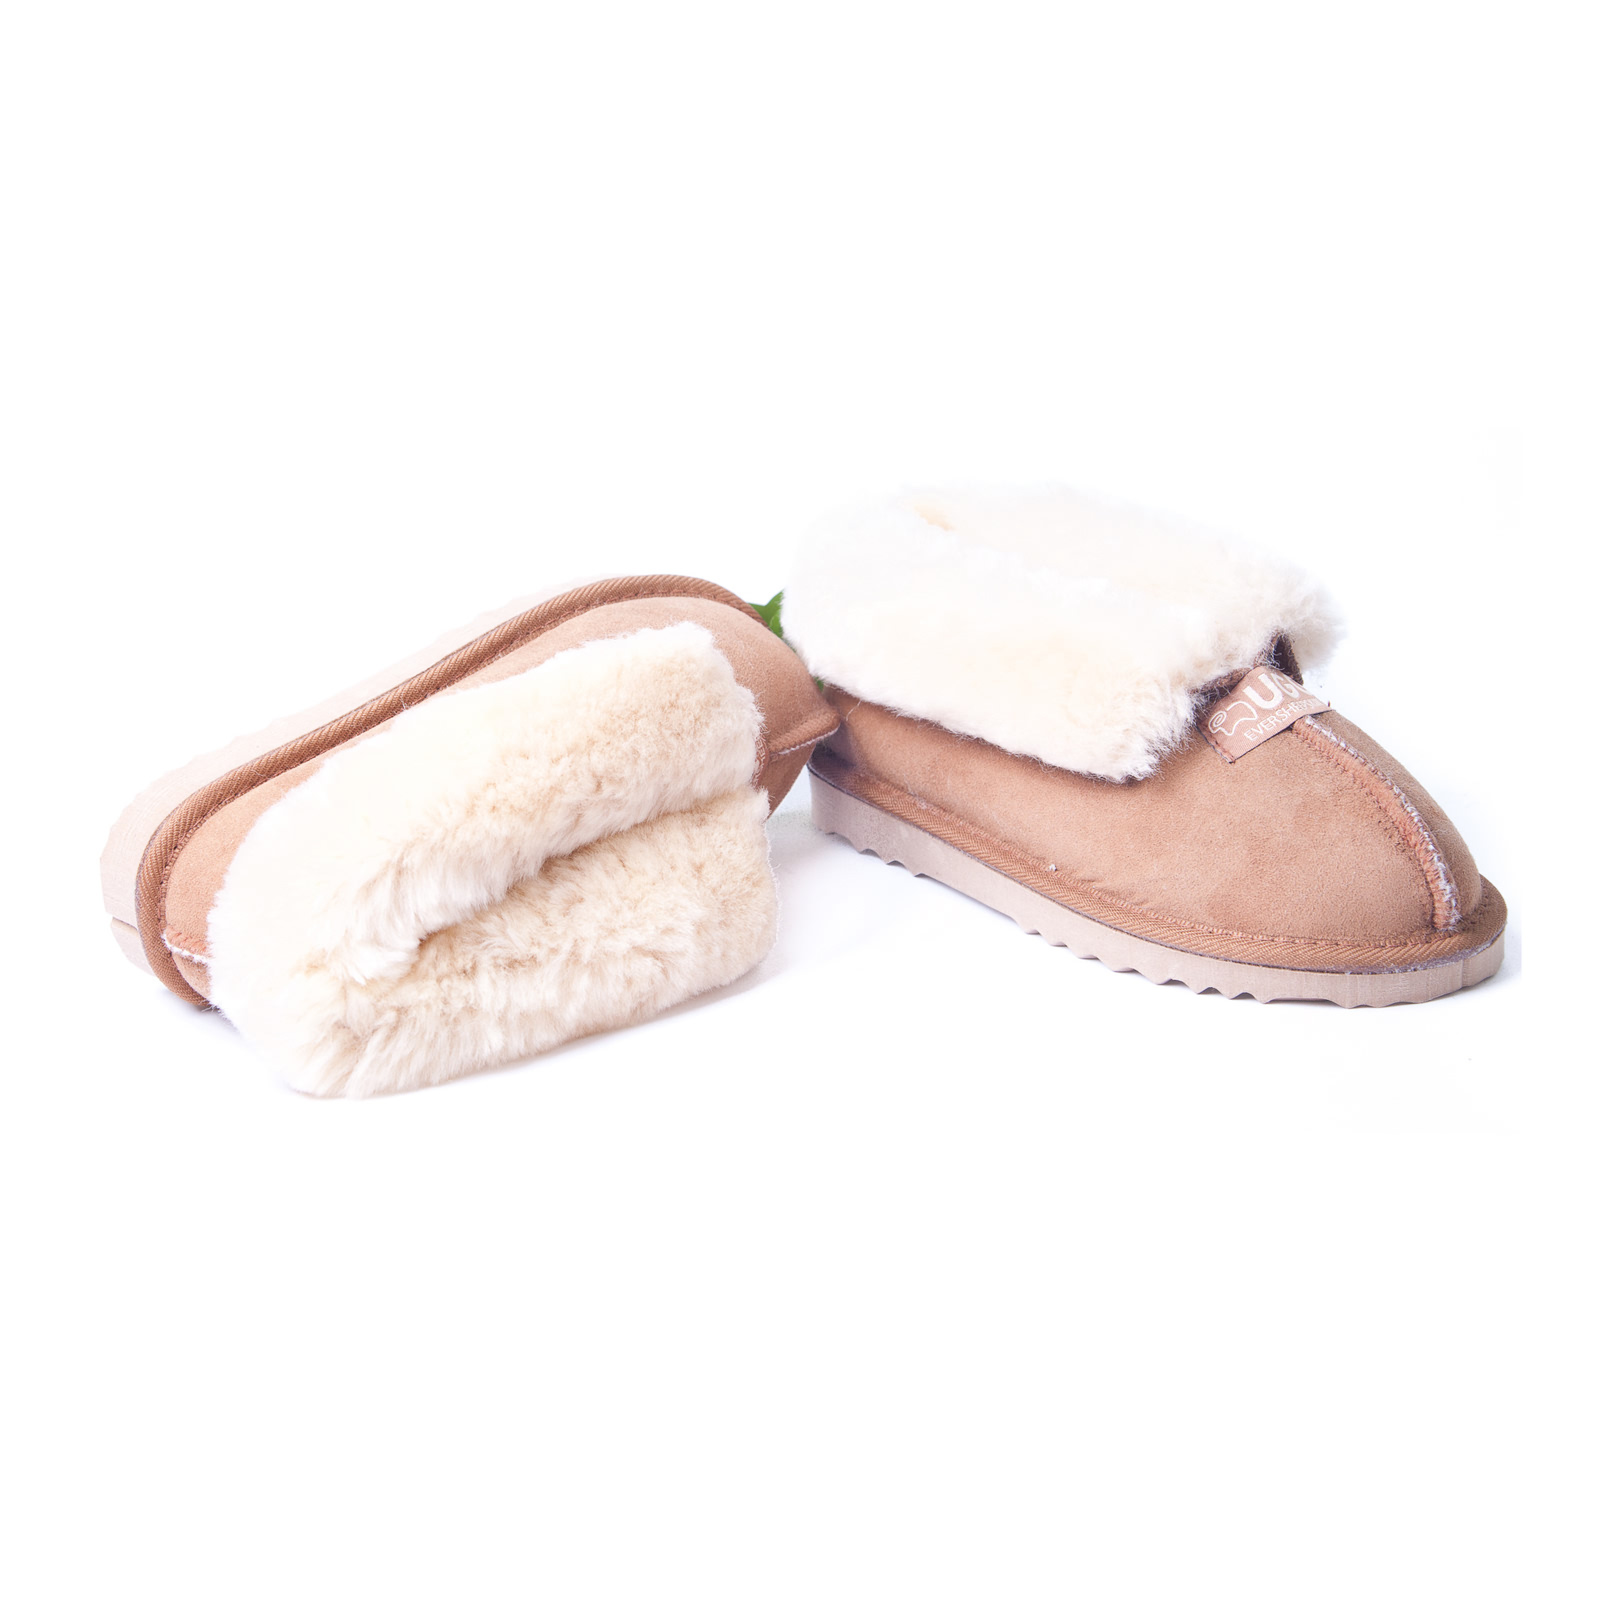 Ugg boots mini ebay kleinanzeigen for Ecksofa ebay kleinanzeigen